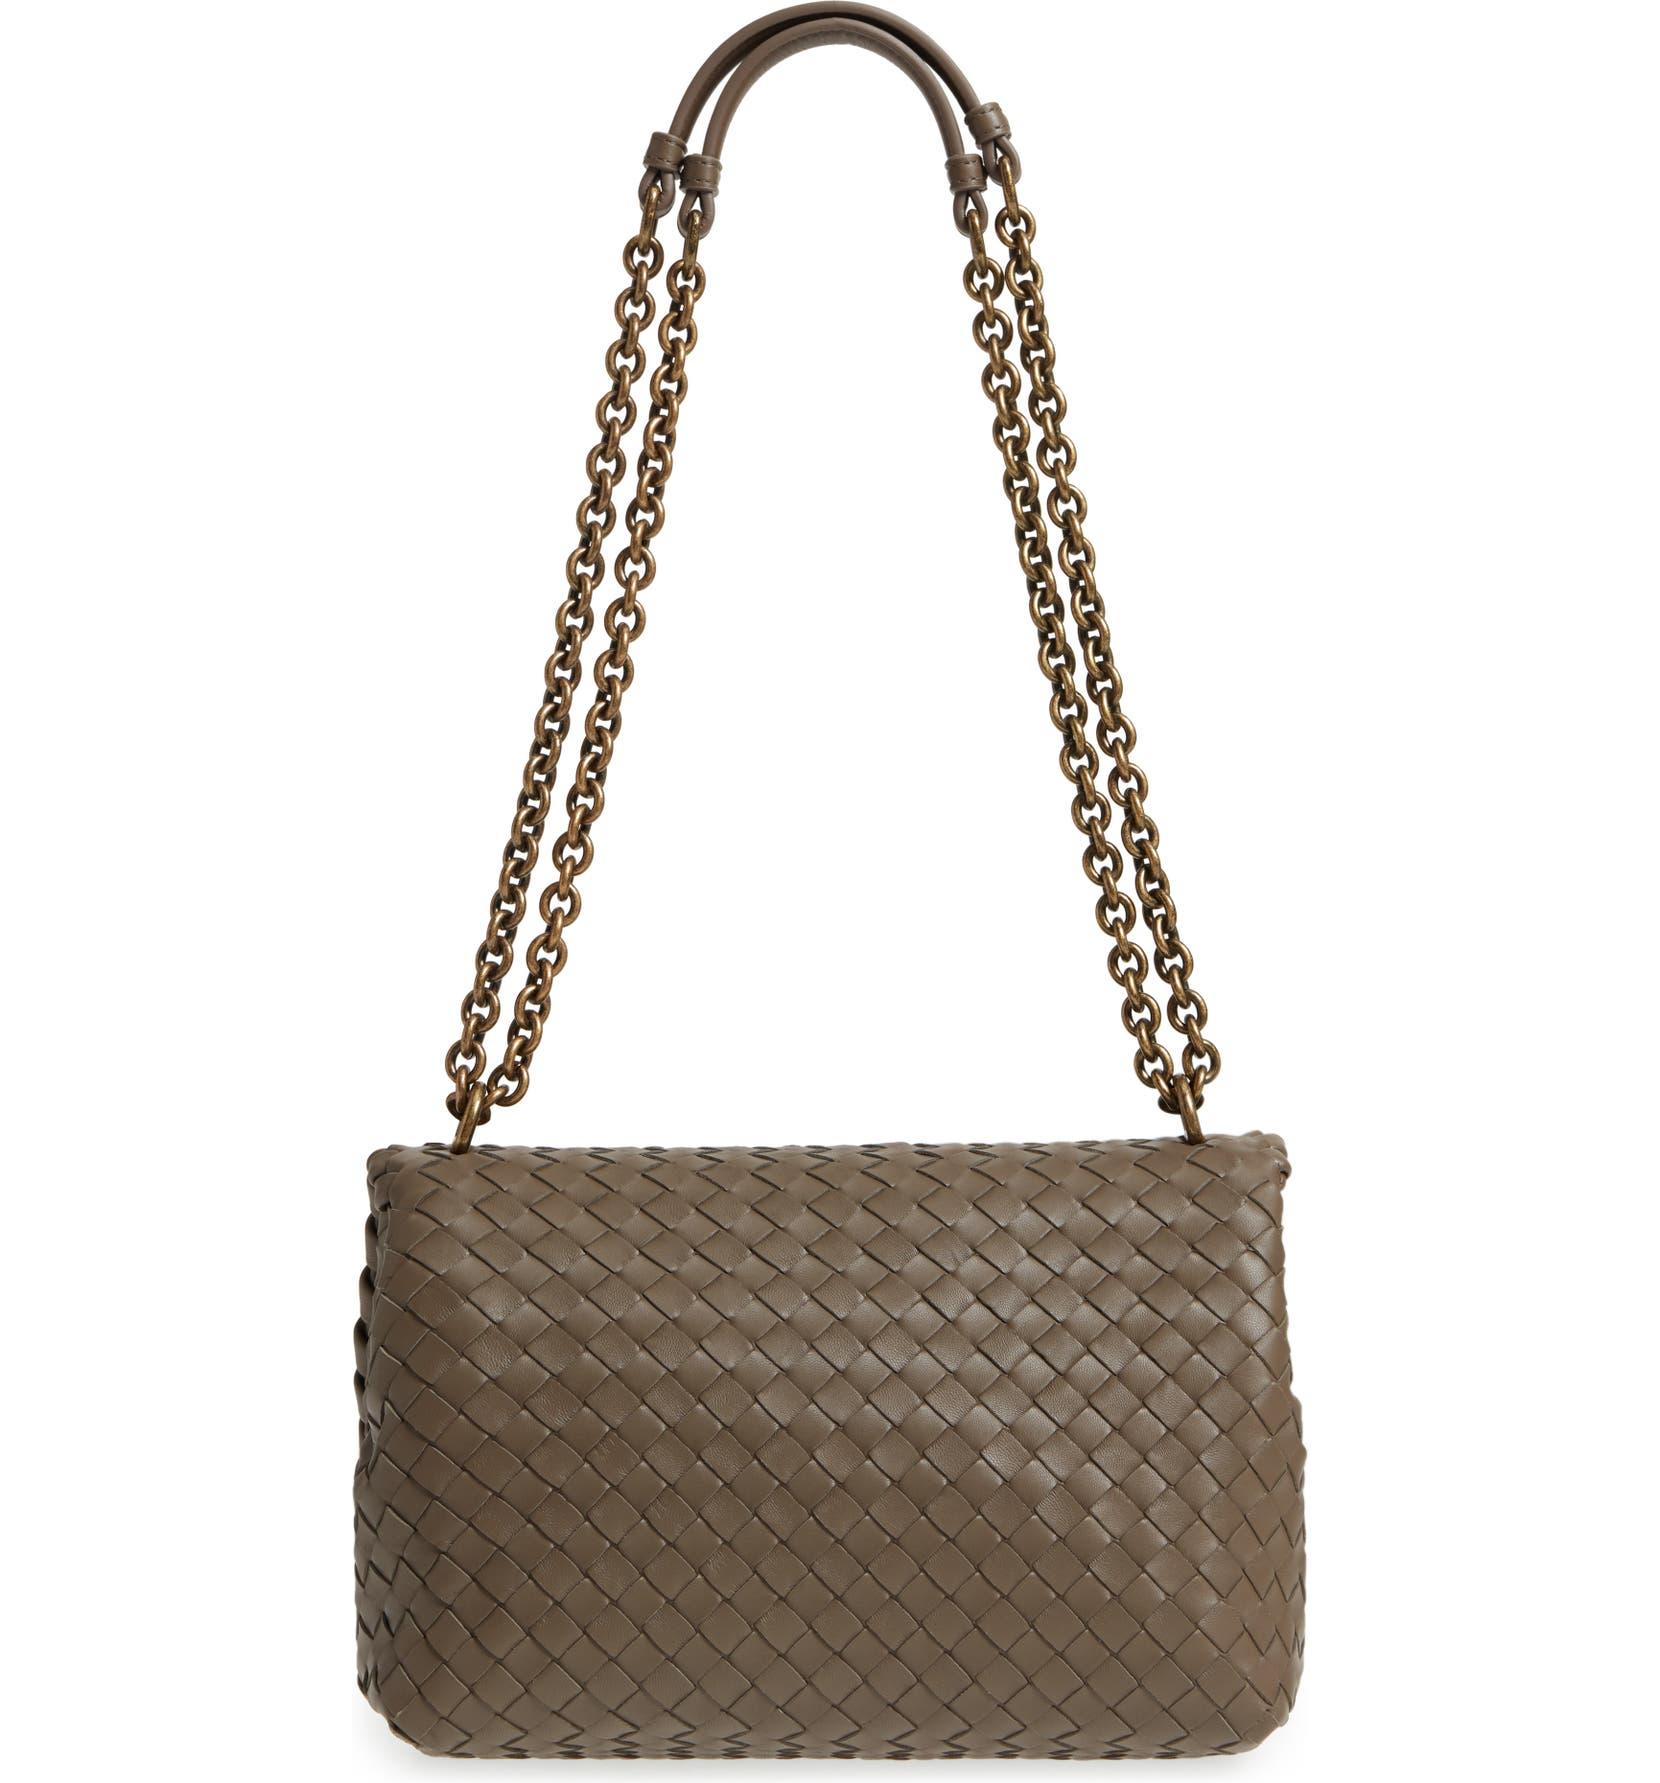 4b94d2a1d548 Bottega Veneta Small Olimpia Leather Shoulder Bag